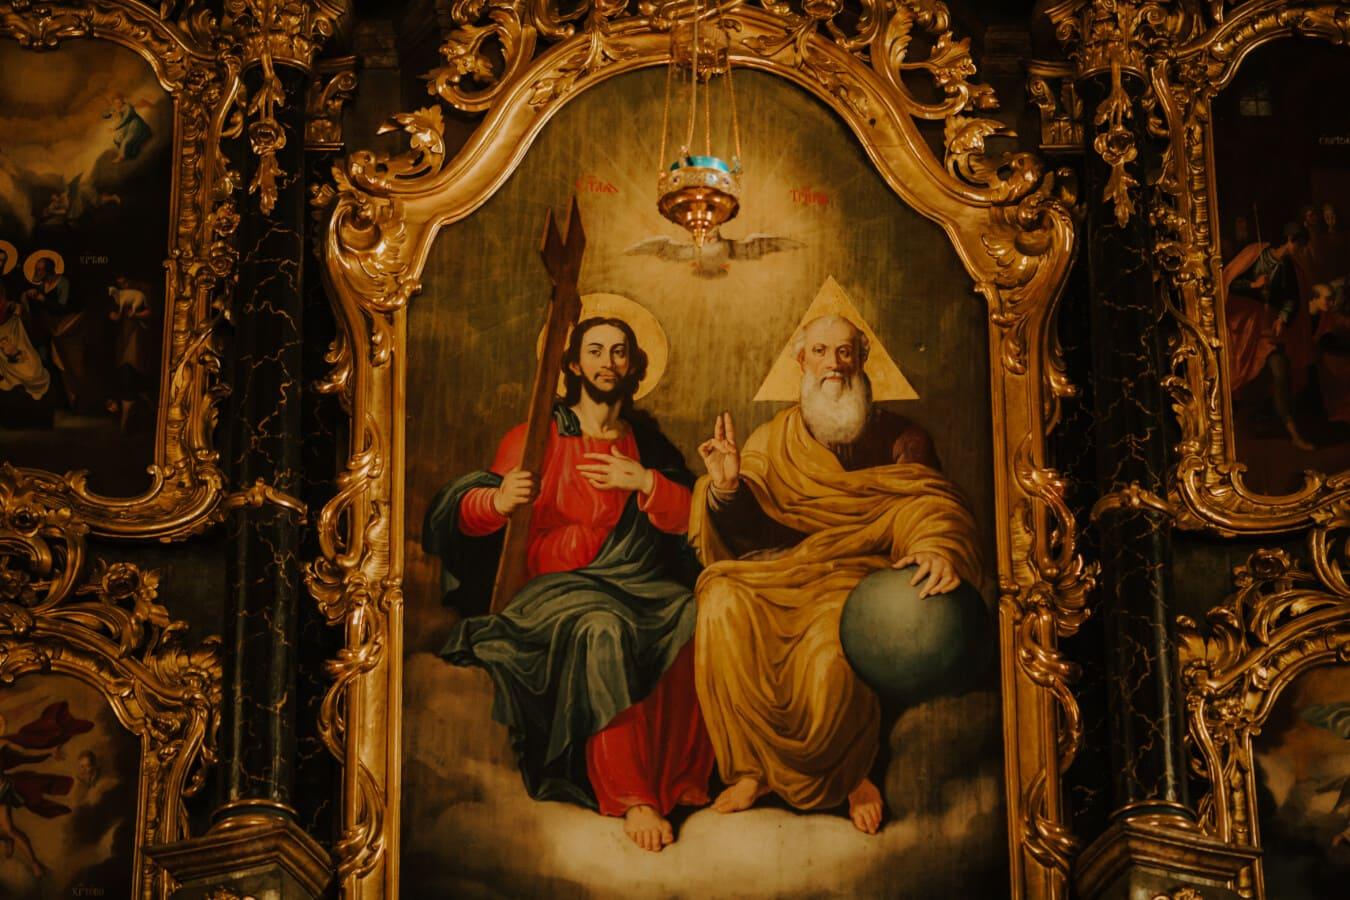 Heilige, Bildende Kunst, Altar, Christentum, orthodoxe, Stil, Barock, Frame, Kirche, Malerei